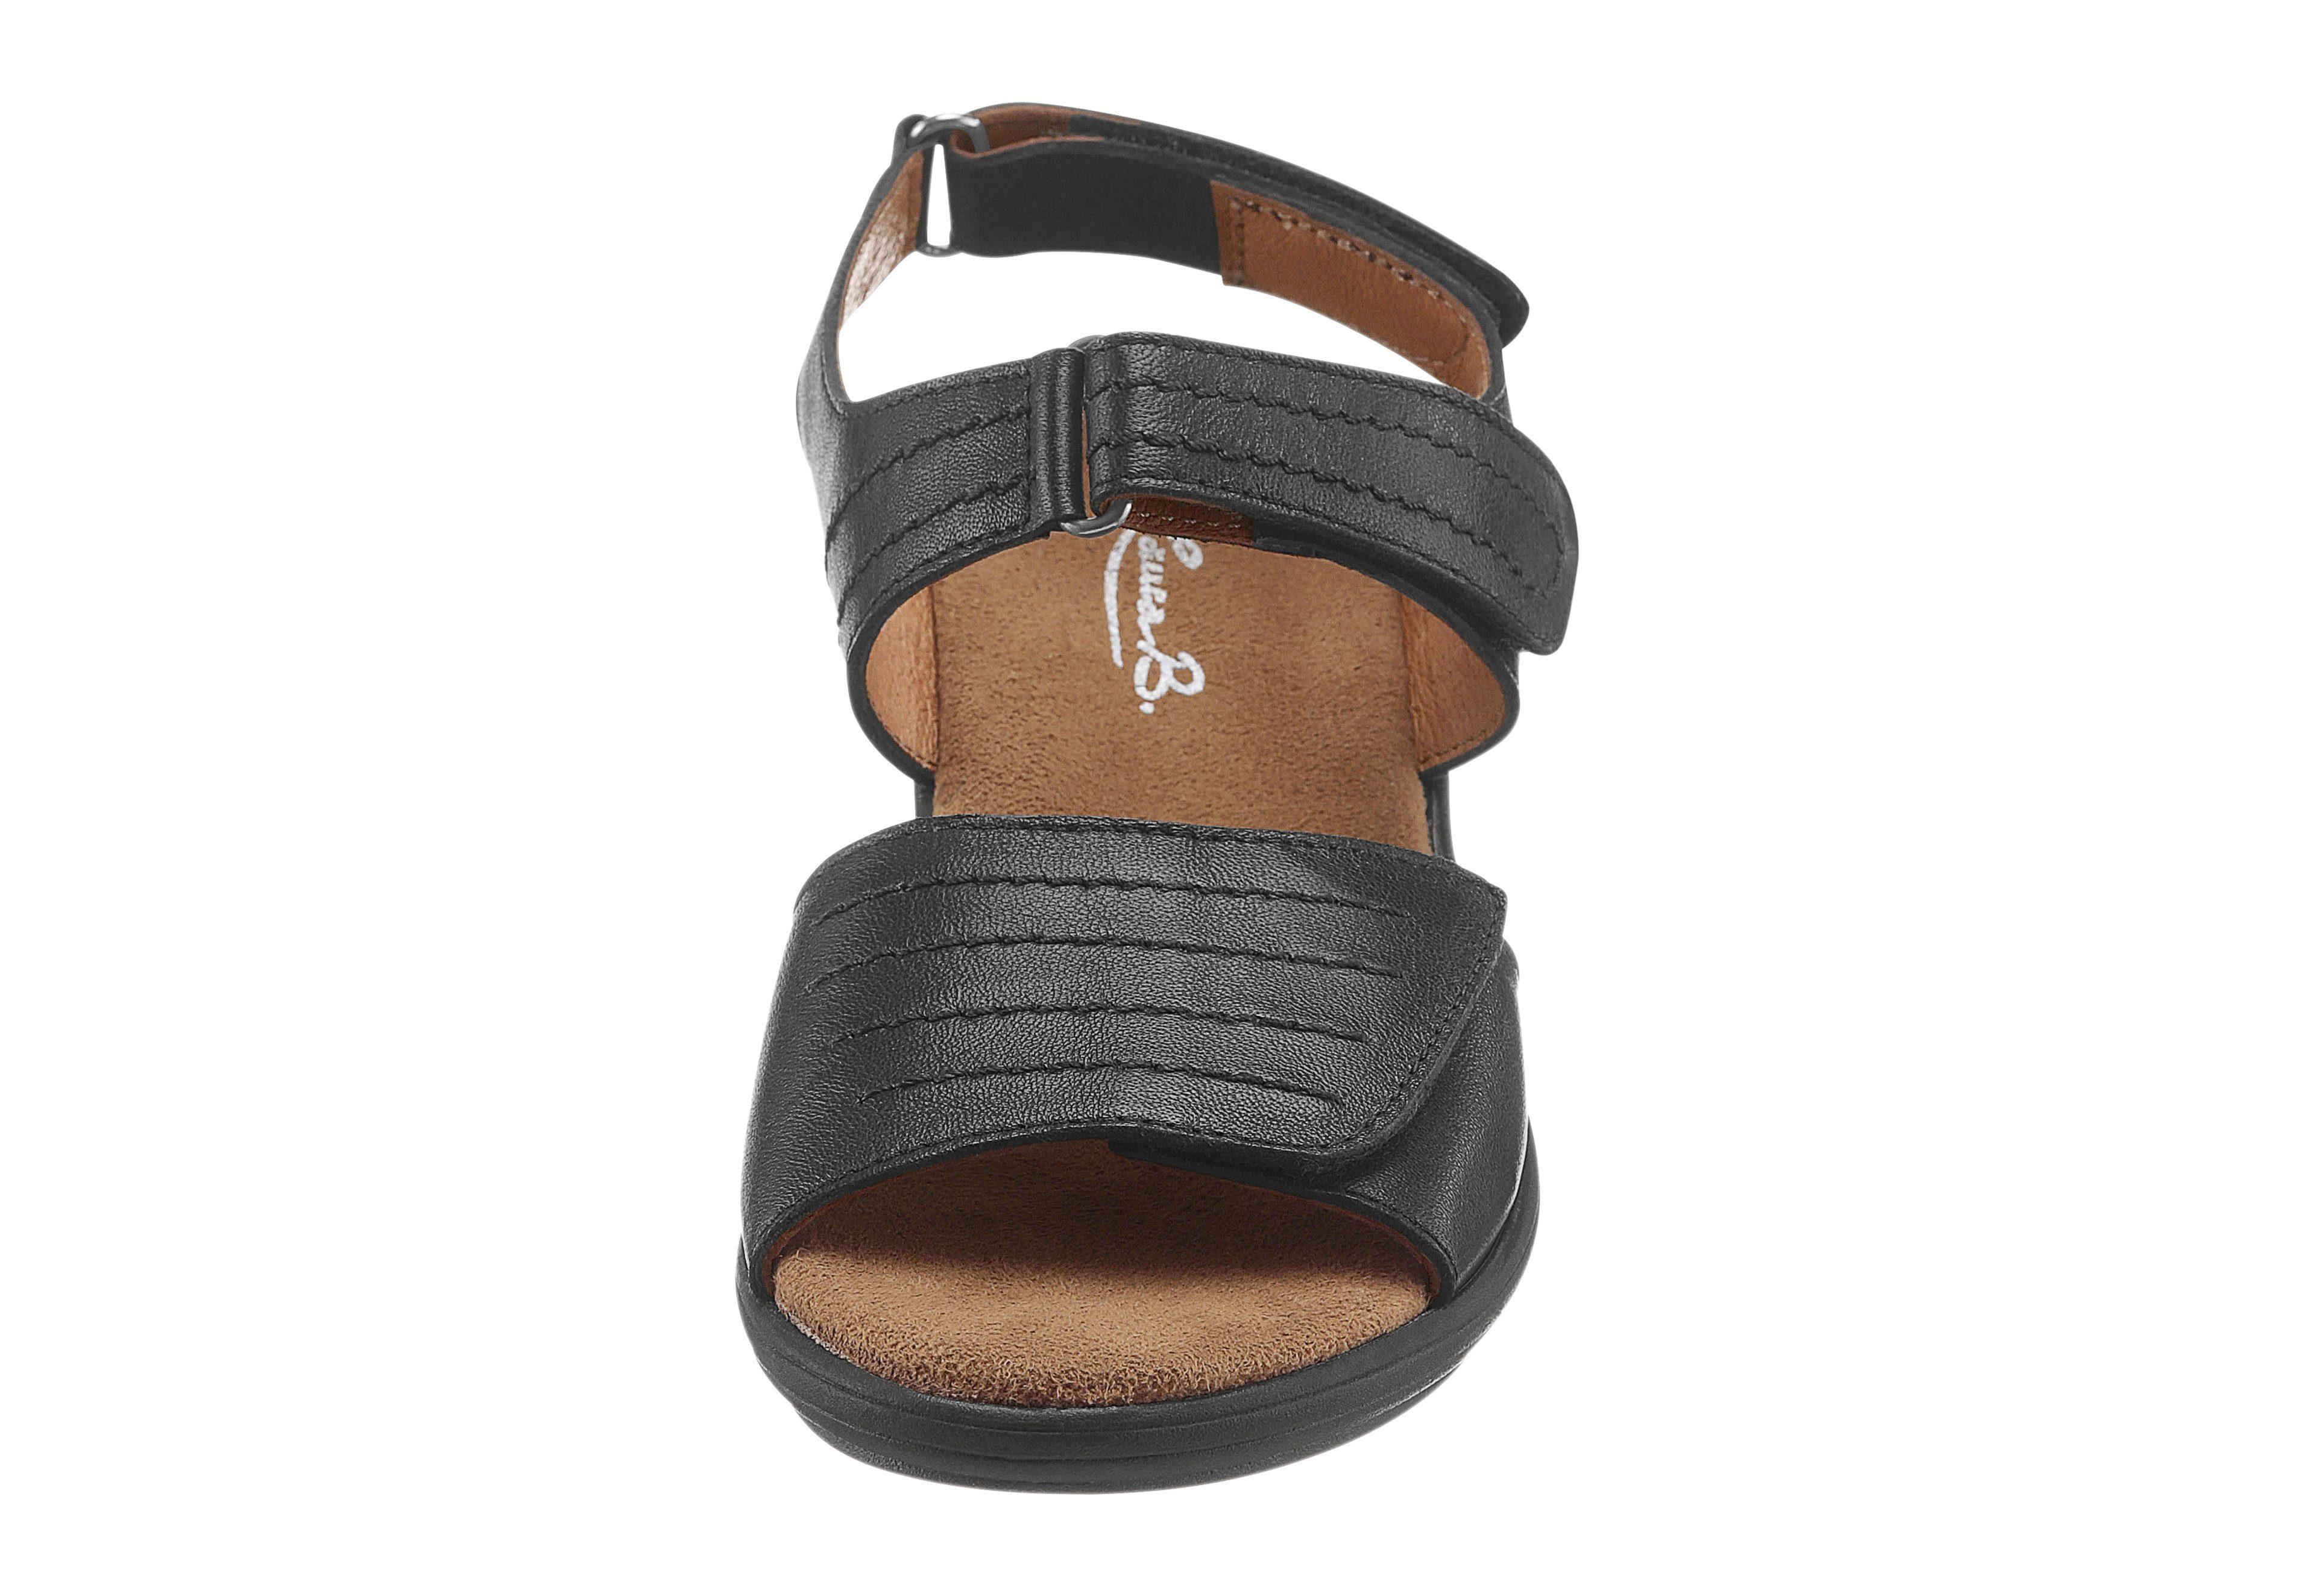 Maybe MayBe Sandale mit trittdämpfendem Fußbett, schwarz, schwarz